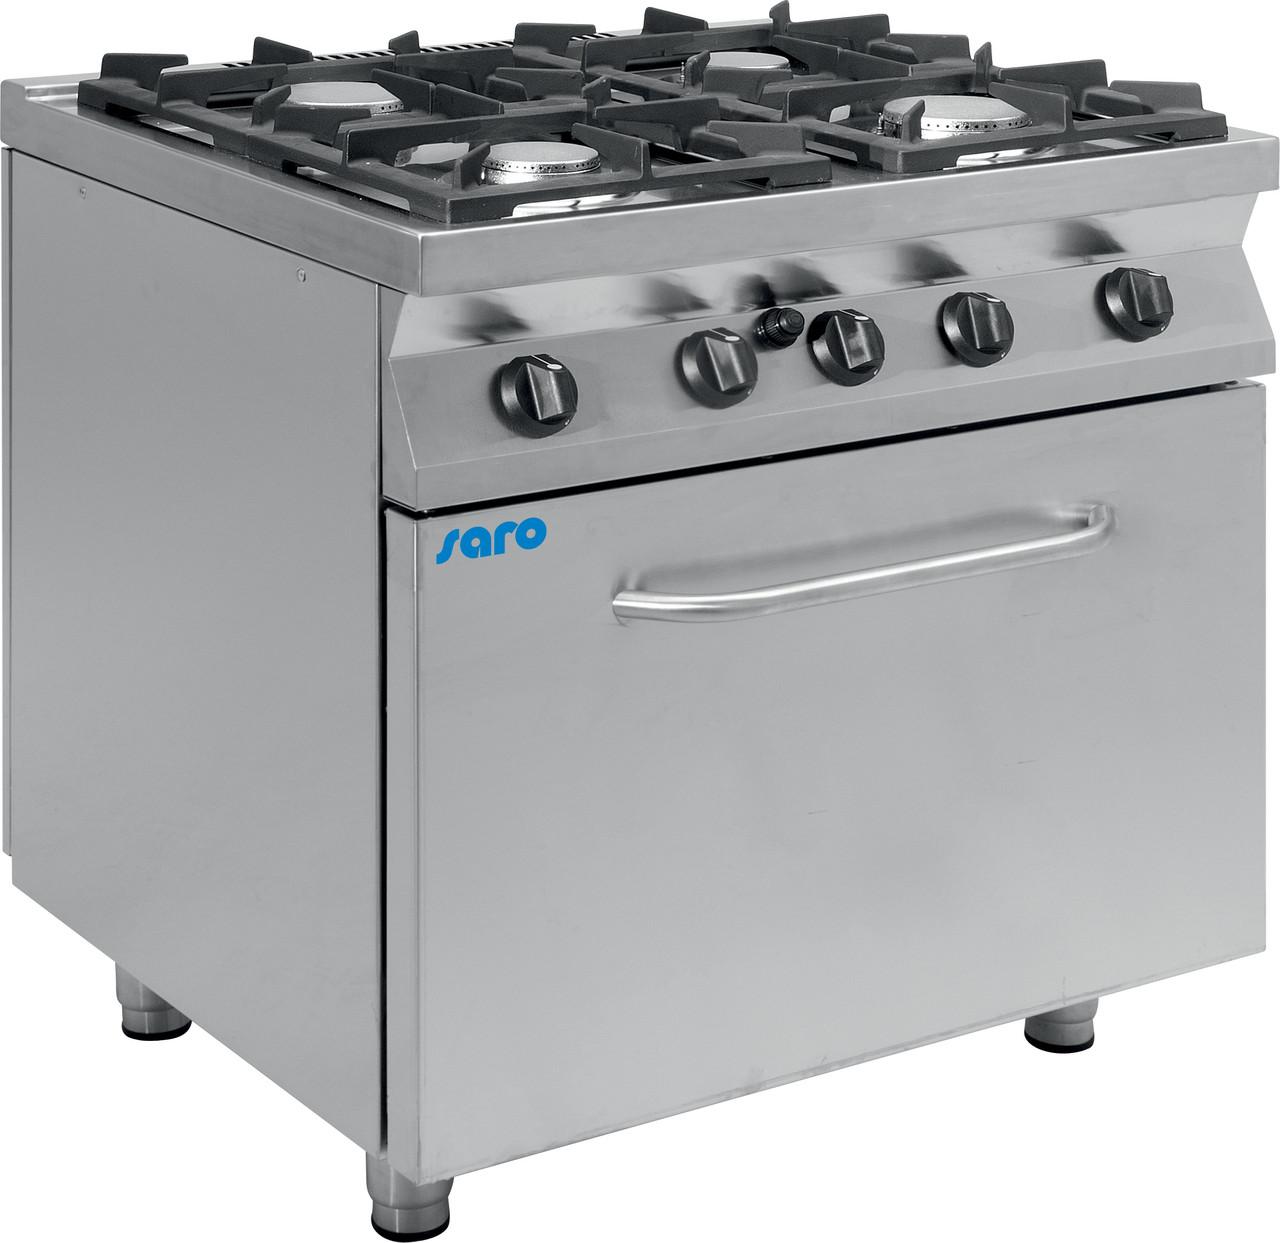 Газовая плита с газовой духовкой  F7 / KUG4LO Saro